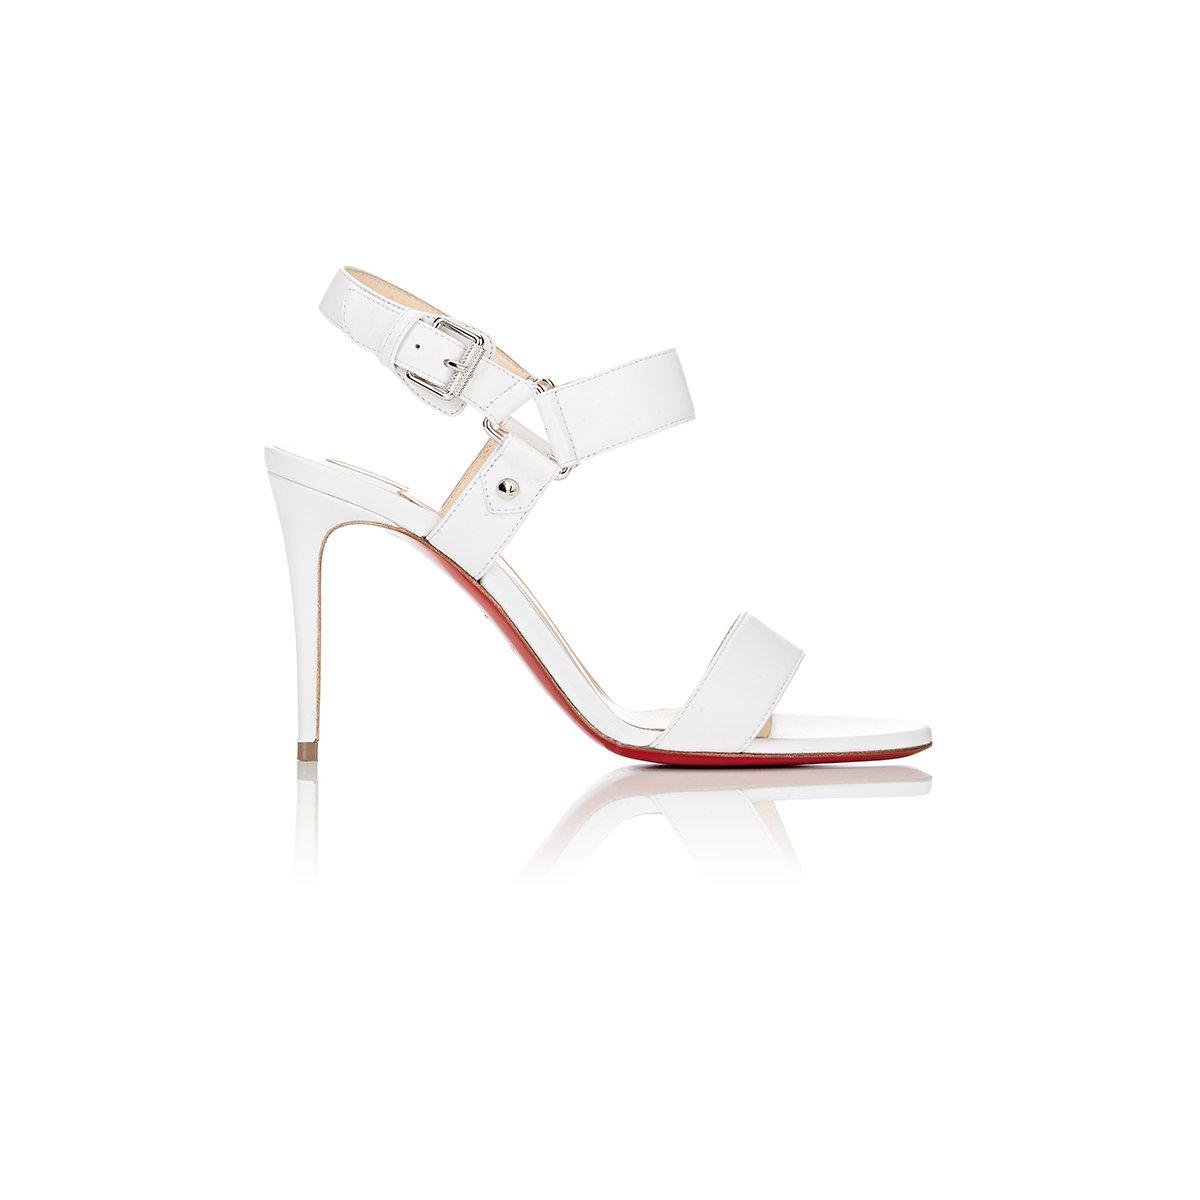 louboutin white sandals